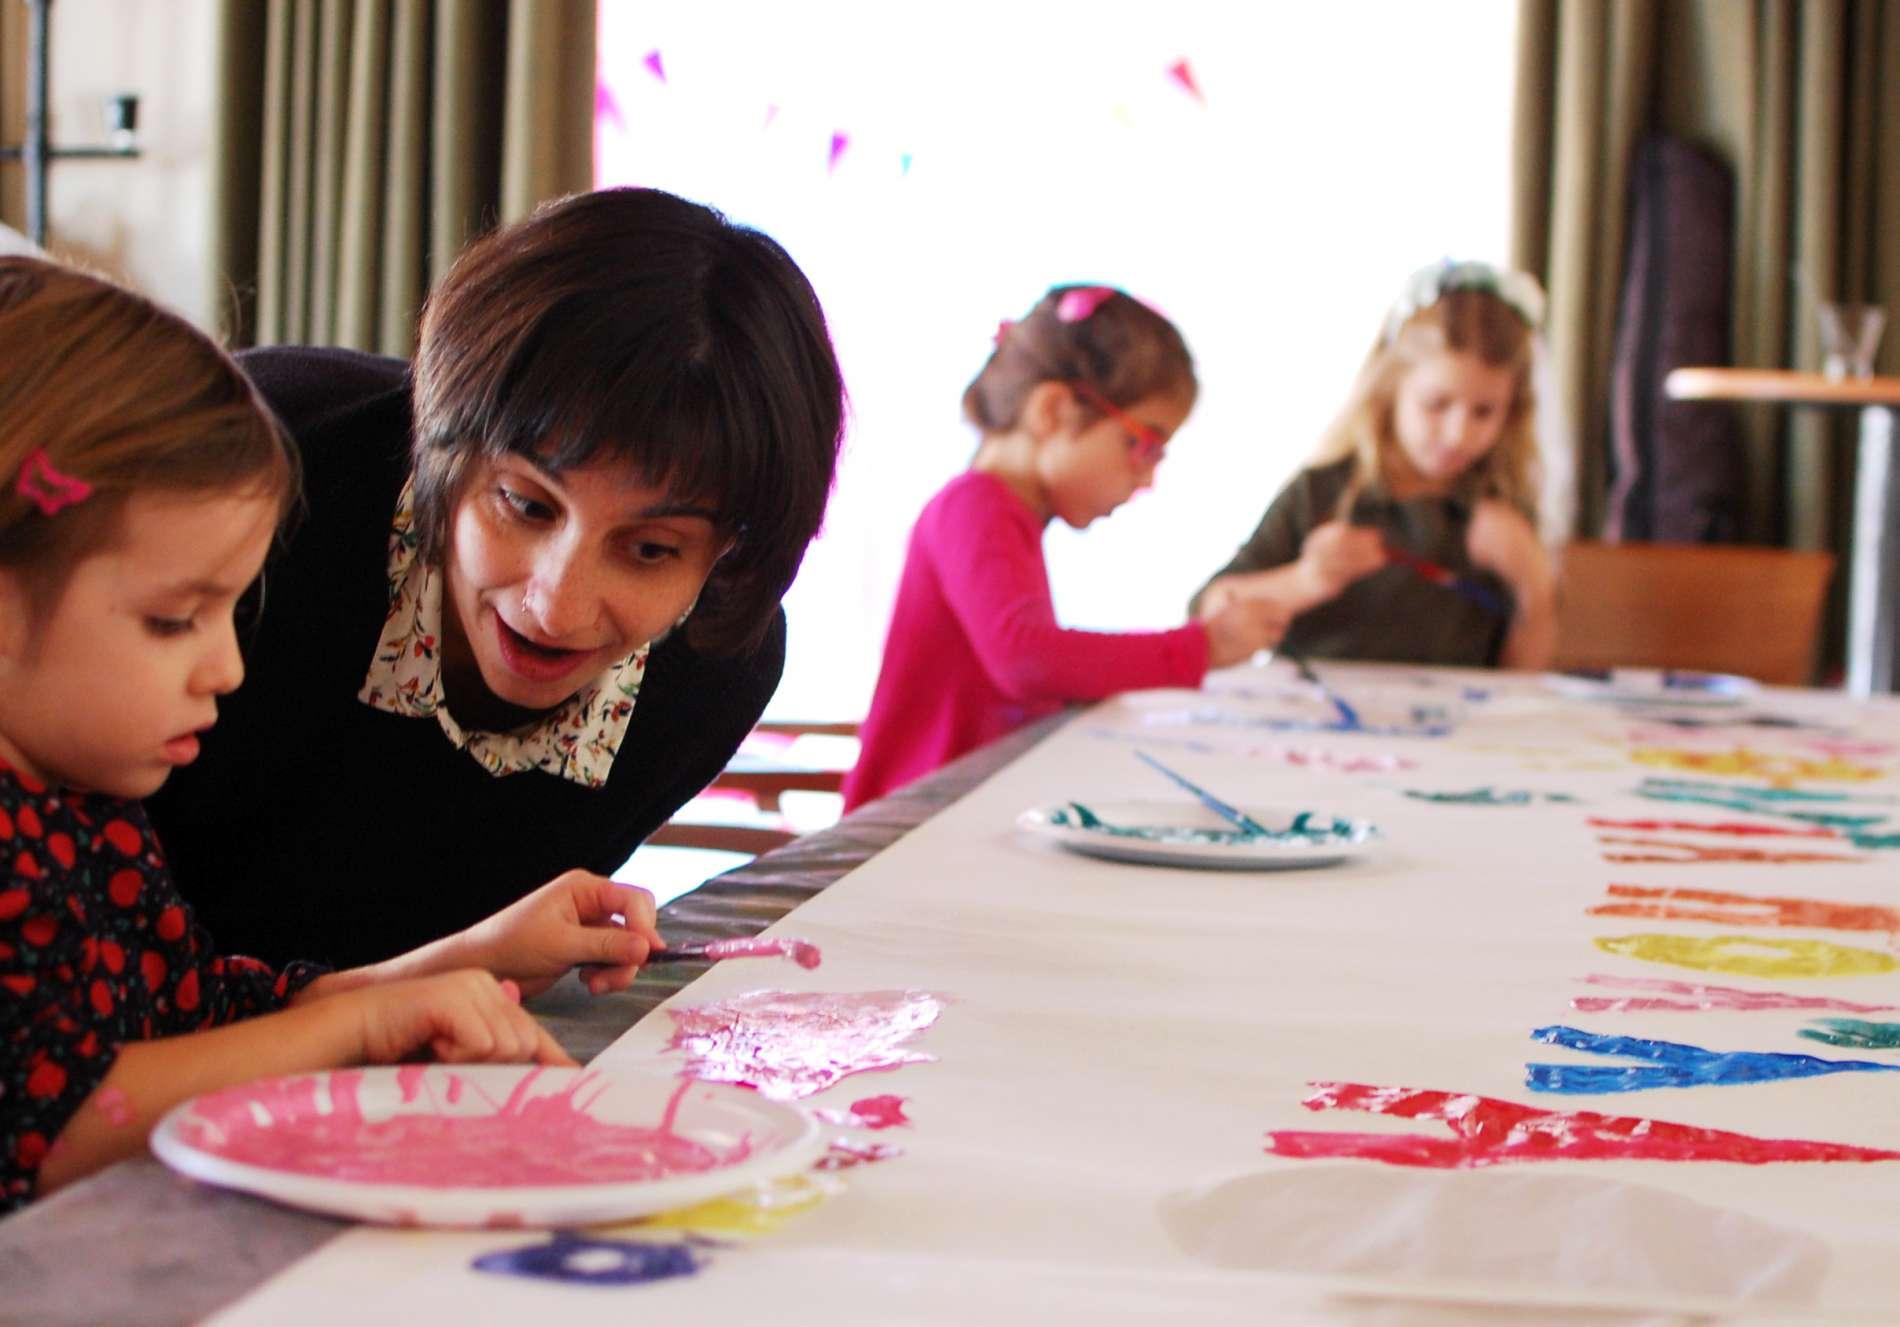 Ανιματέρ και παιδιά σε εργαστήρι ζωγραφικής σε παιδικό πάρτυ